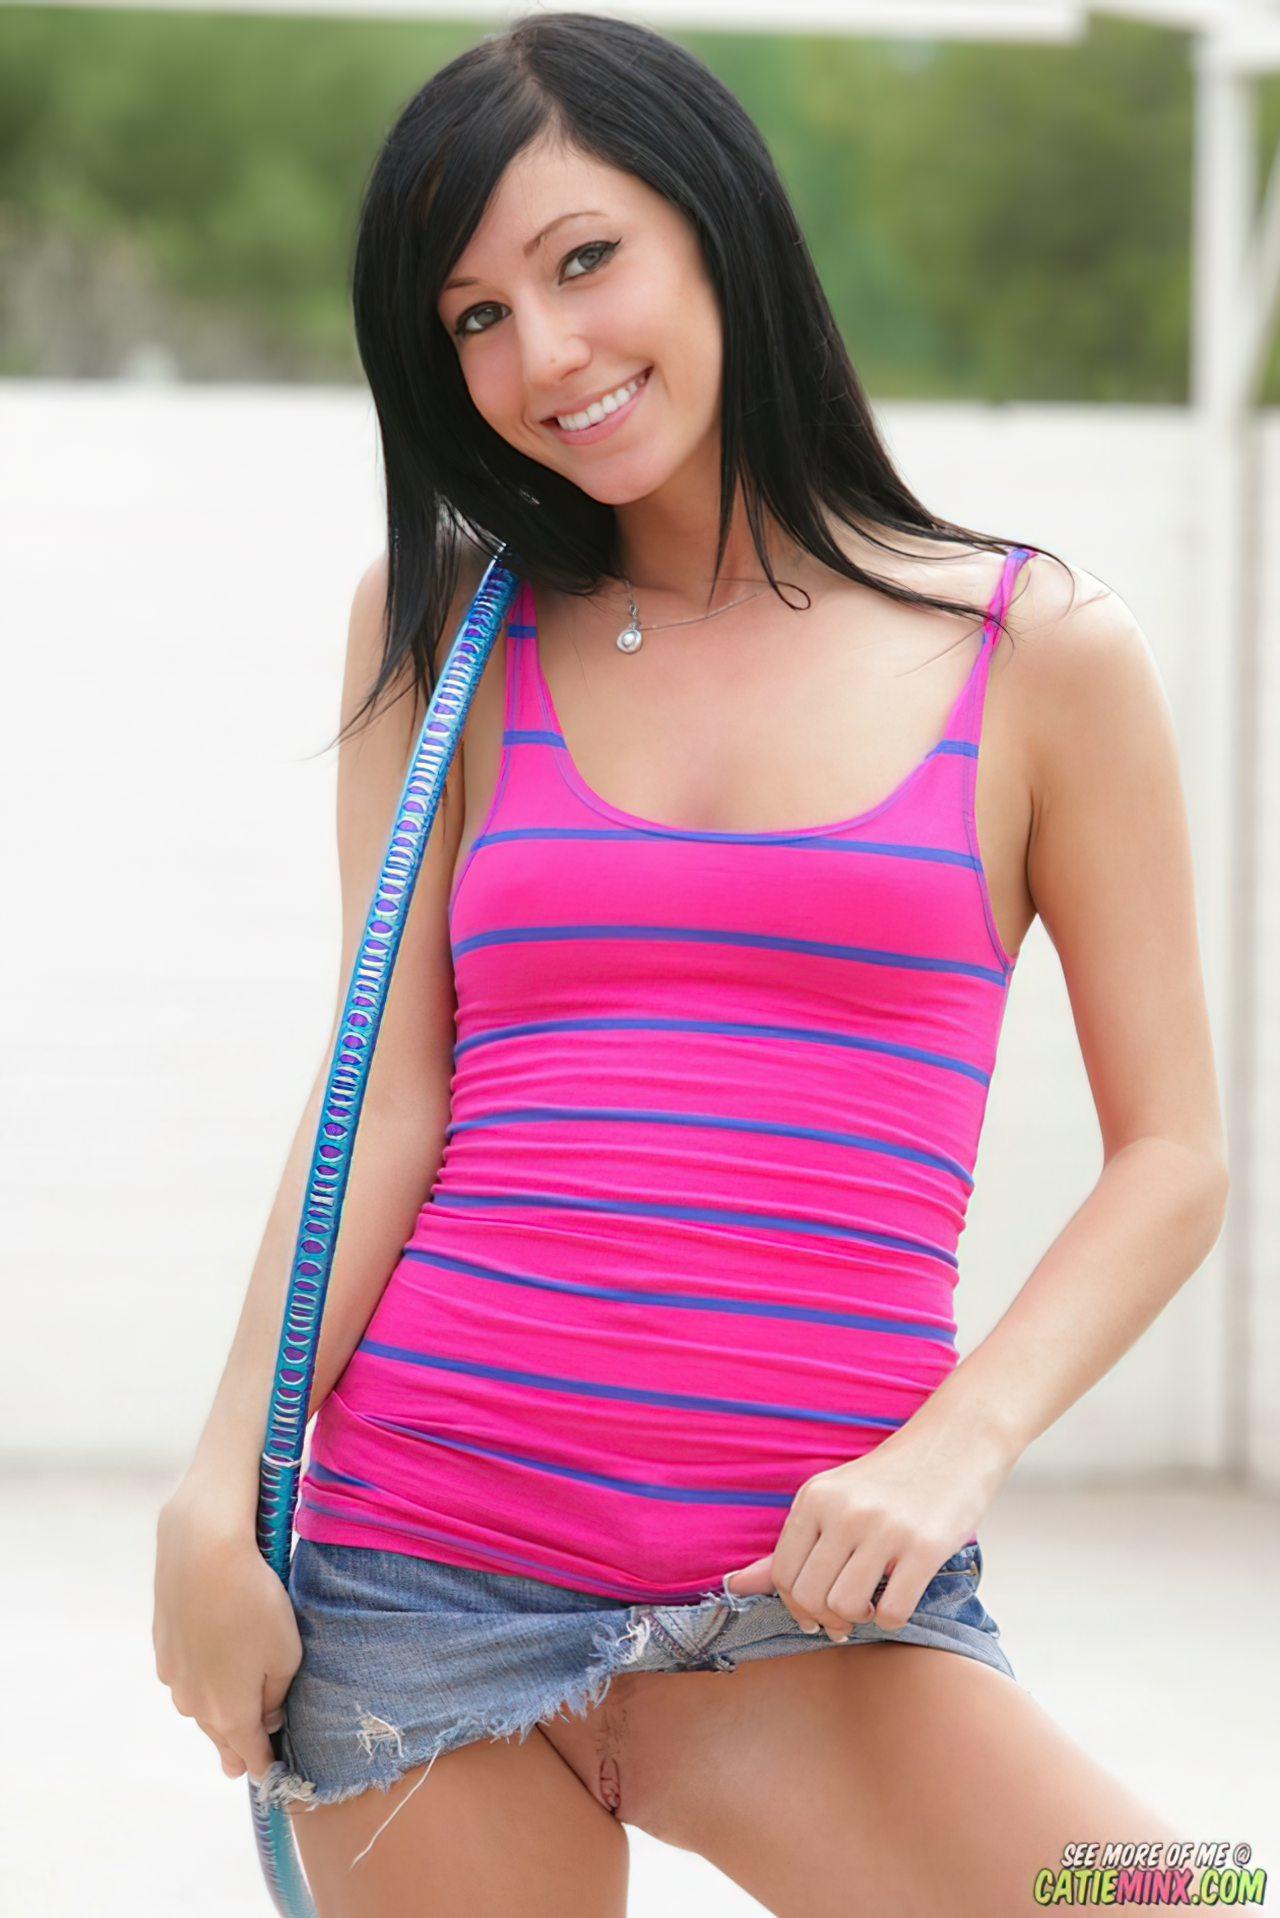 Catie Minx (5)